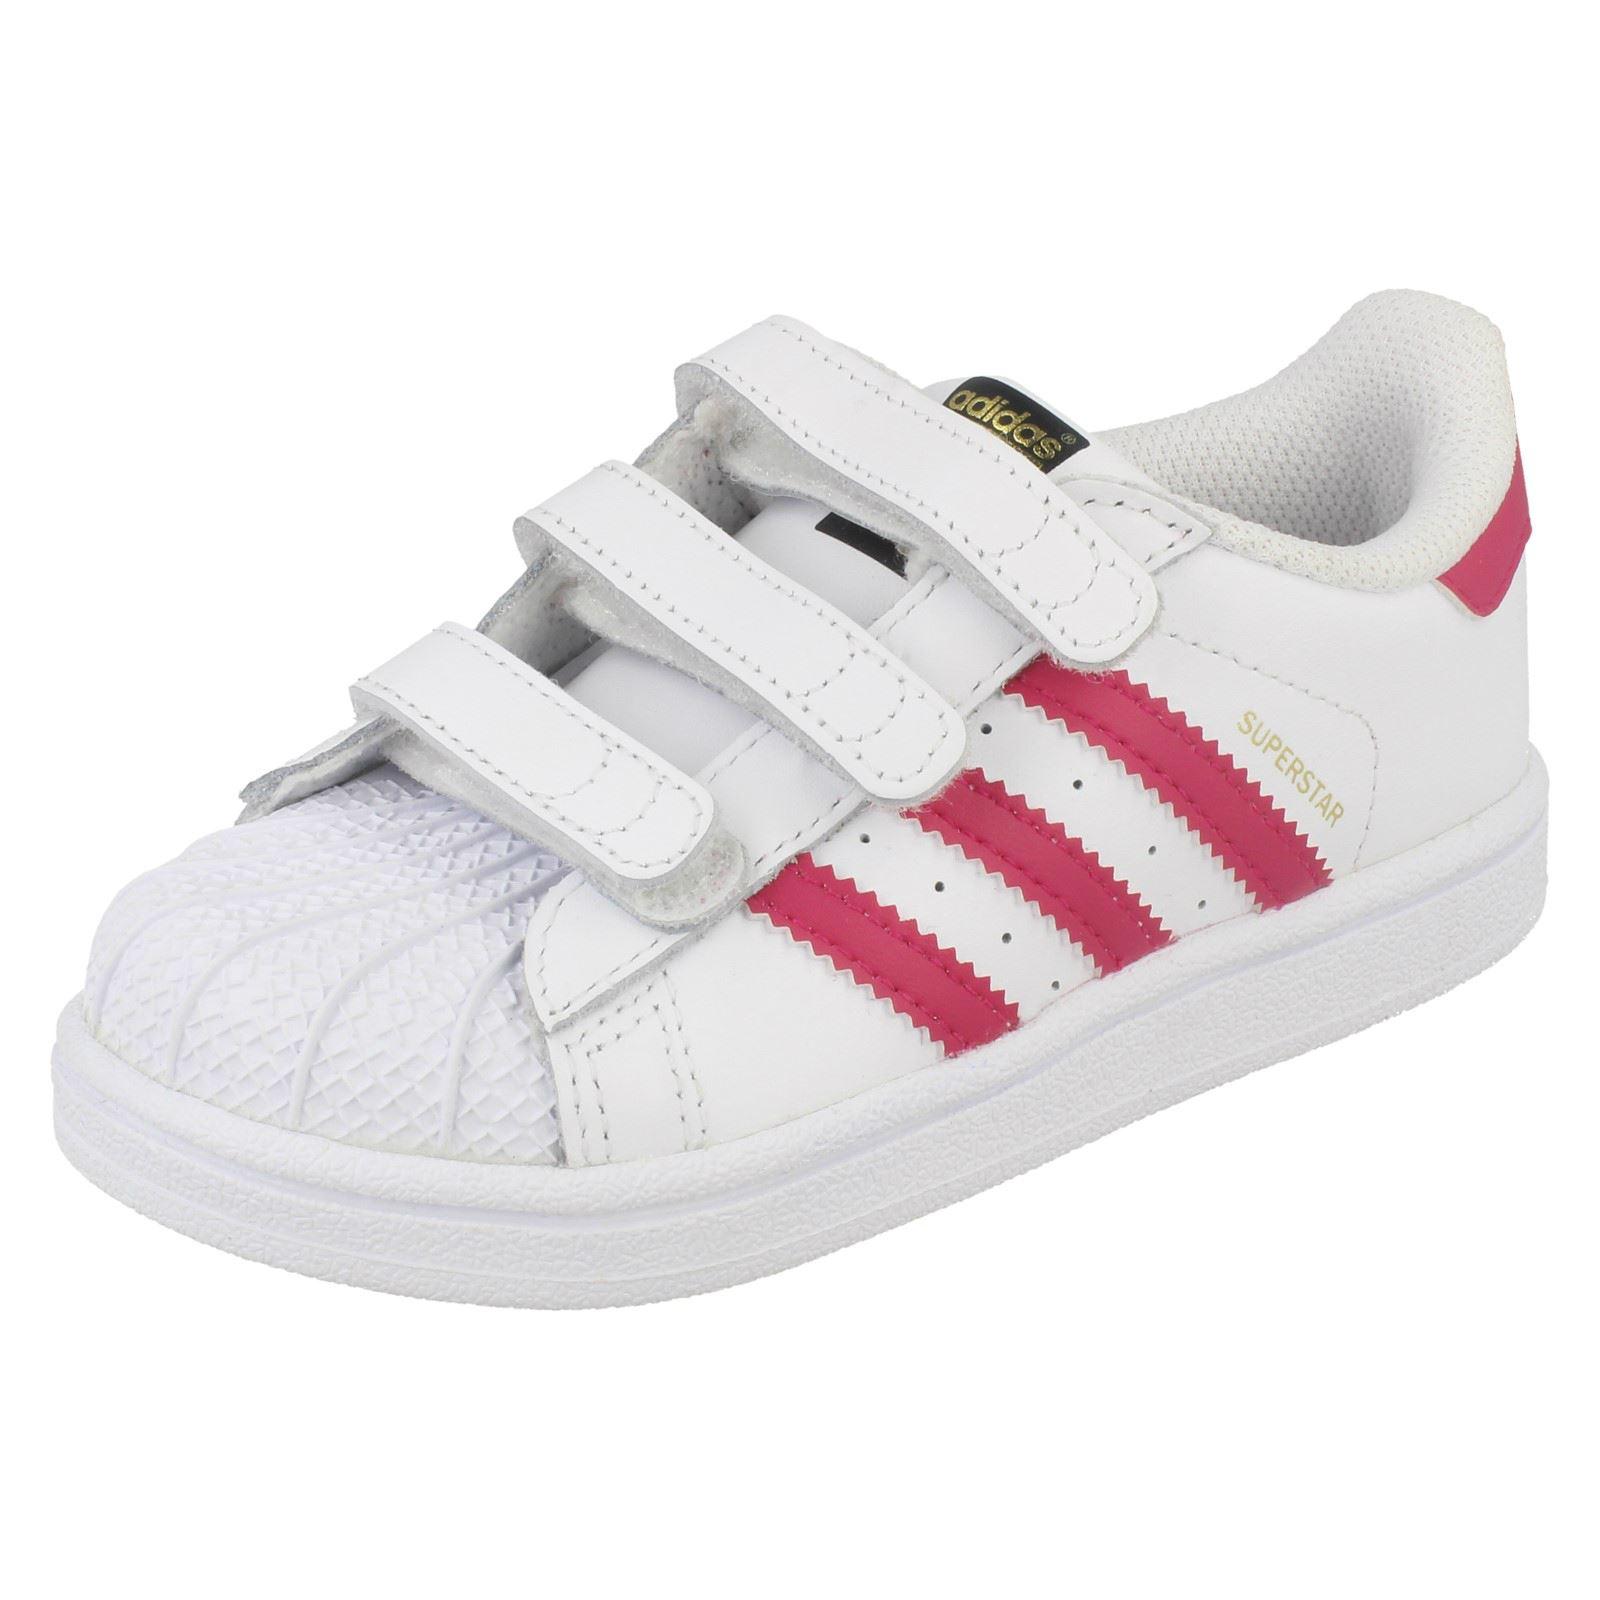 estropeado Supermercado Aparecer  Infant Girls Adidas Casual Trainers 'Superstar CFI' | eBay